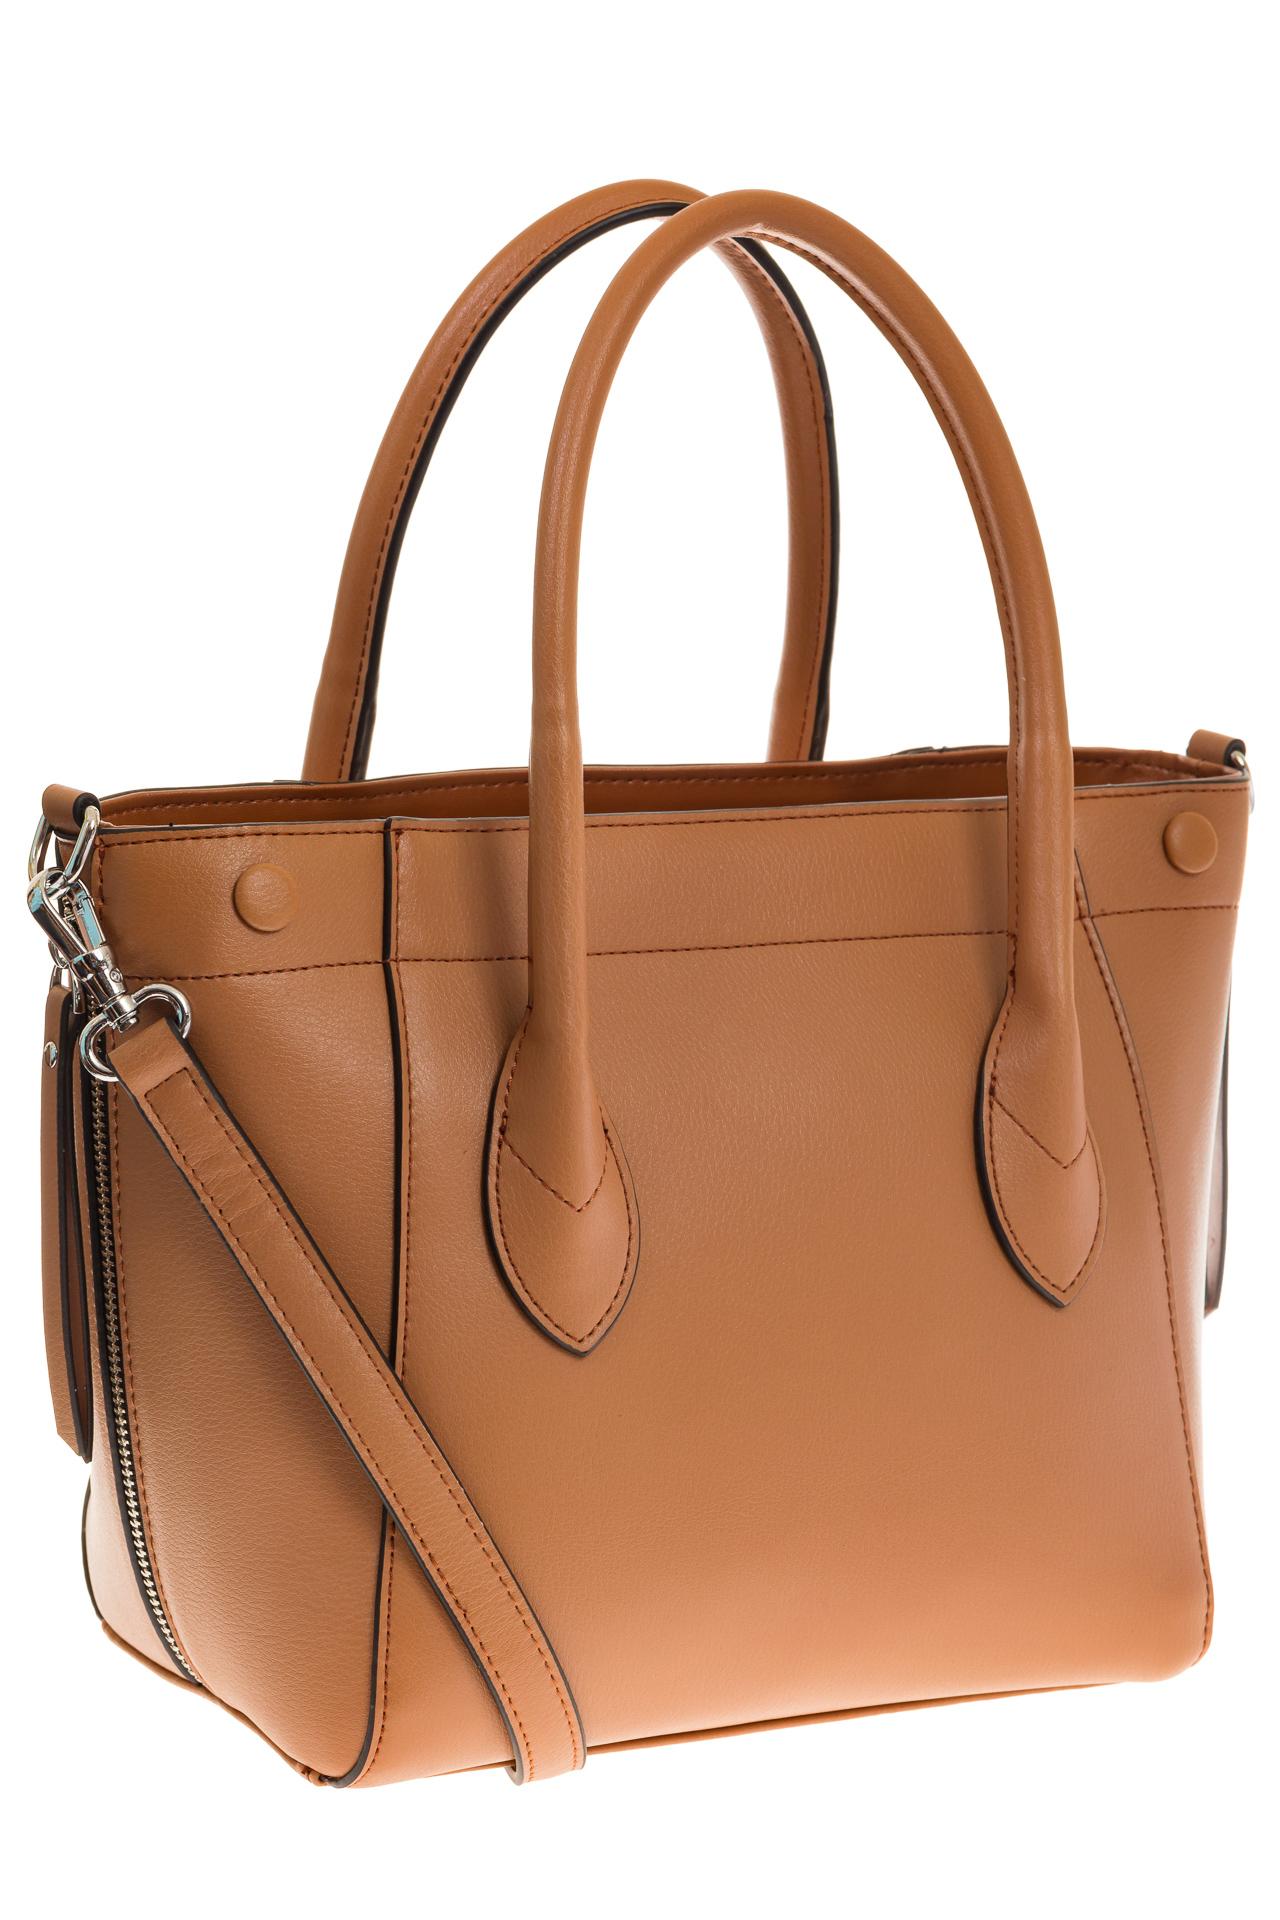 на фото Handbag из натуральной кожи рыжего цвета 6026MK5